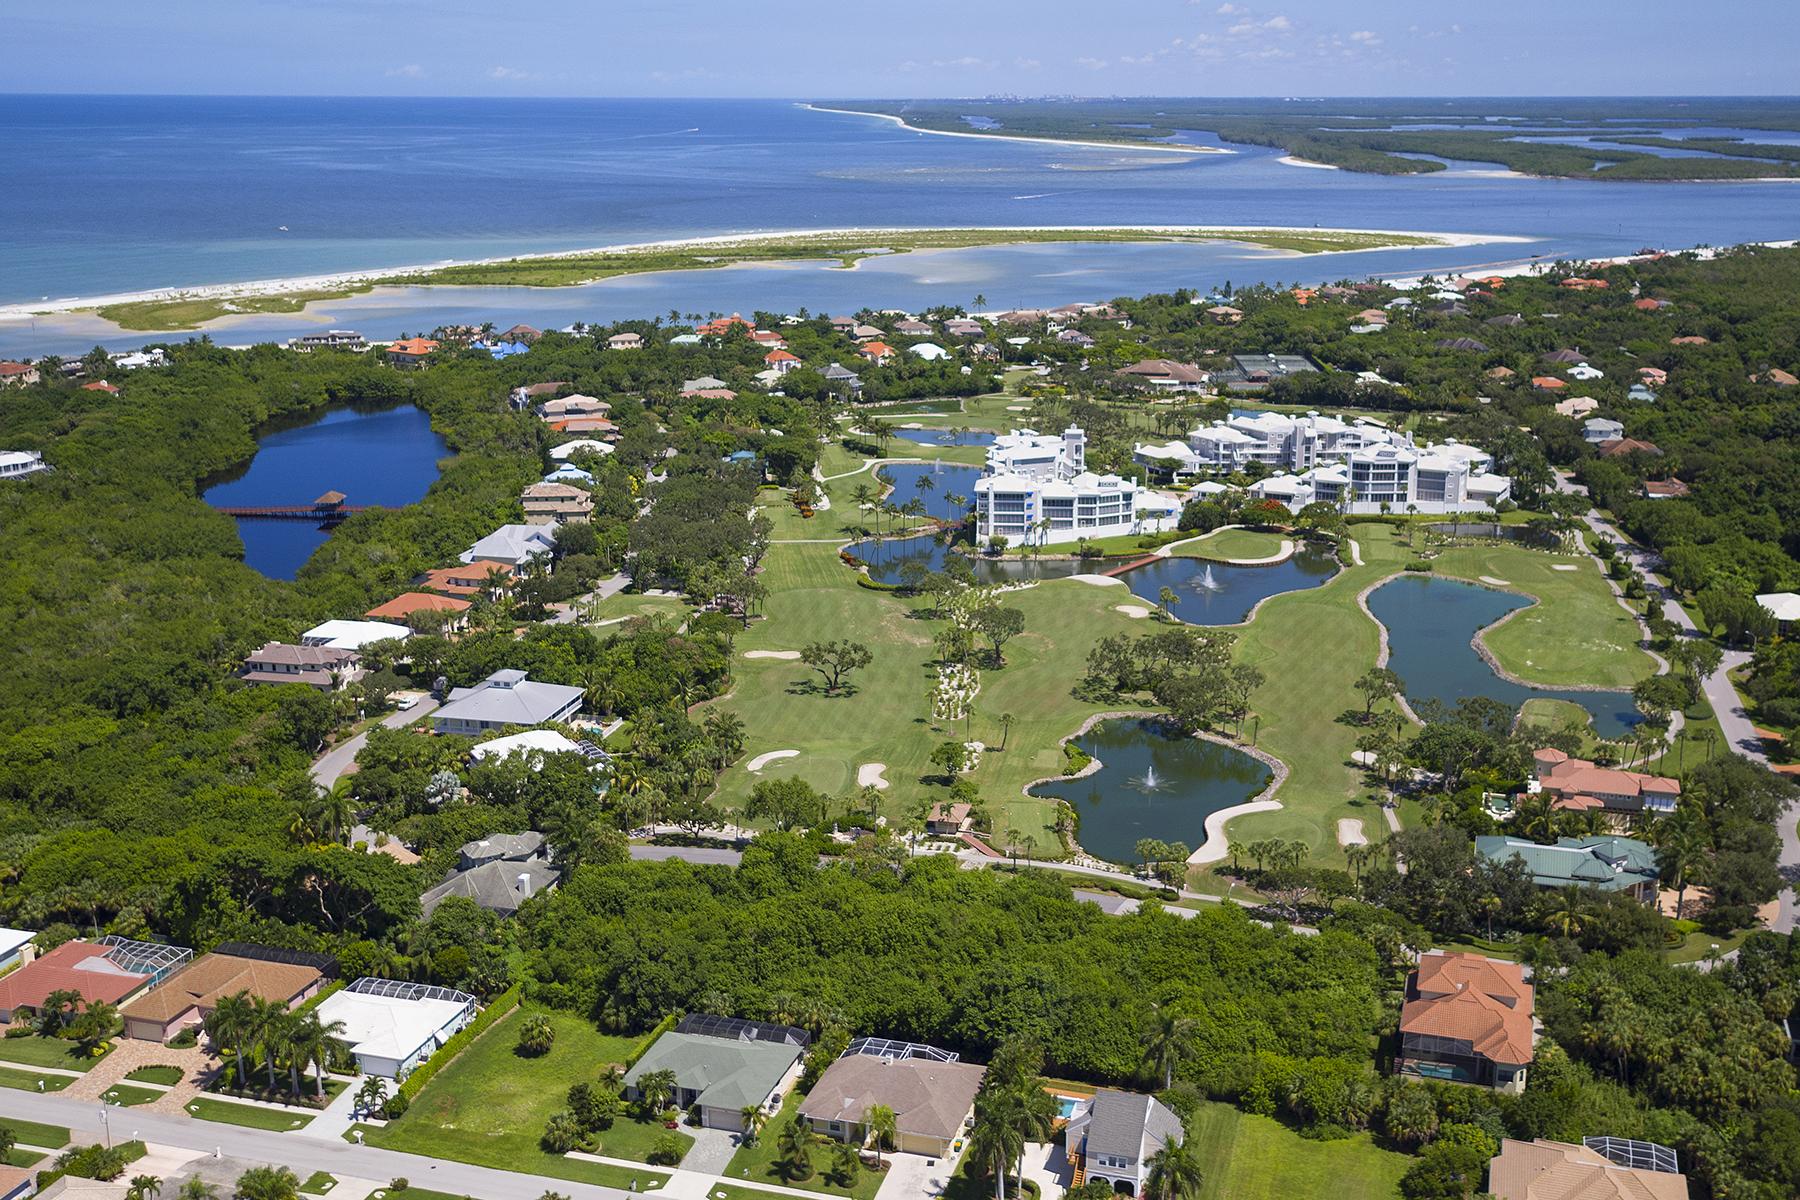 Đất đai vì Bán tại MARCO ISLAND - HIDEAWAY BEACH 261 Hideaway Cir S Marco Island, Florida, 34145 Hoa Kỳ